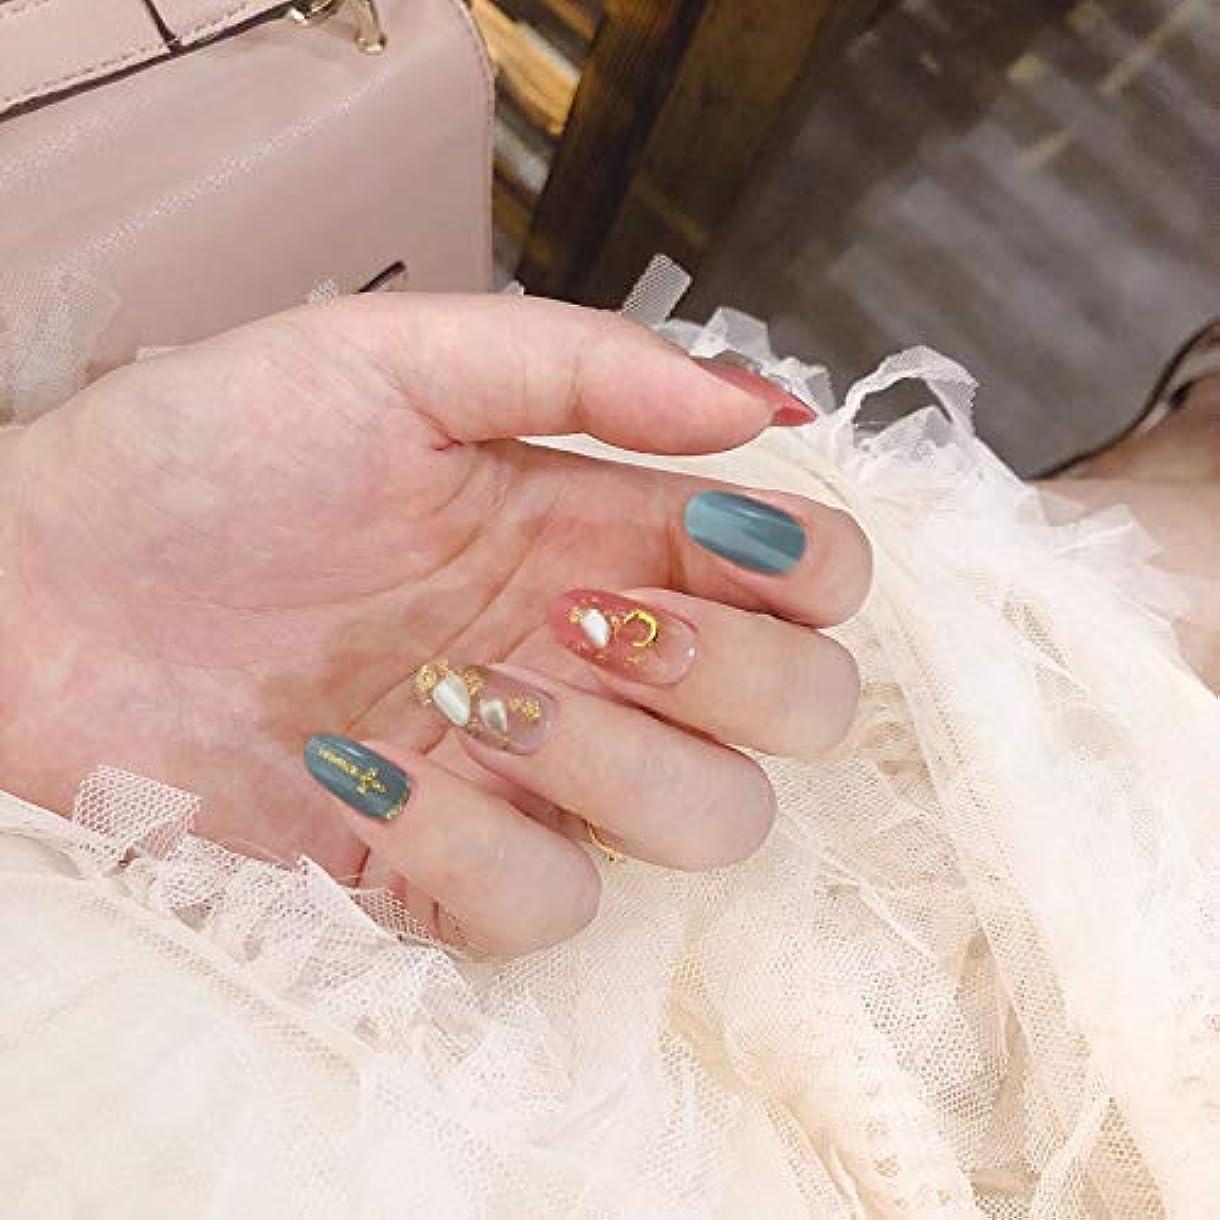 白い交換可能排除24pcs 両面接着テープ付き ネイルチップ 可愛い優雅ネイル ネイル花嫁 ナチュラルシェル装飾